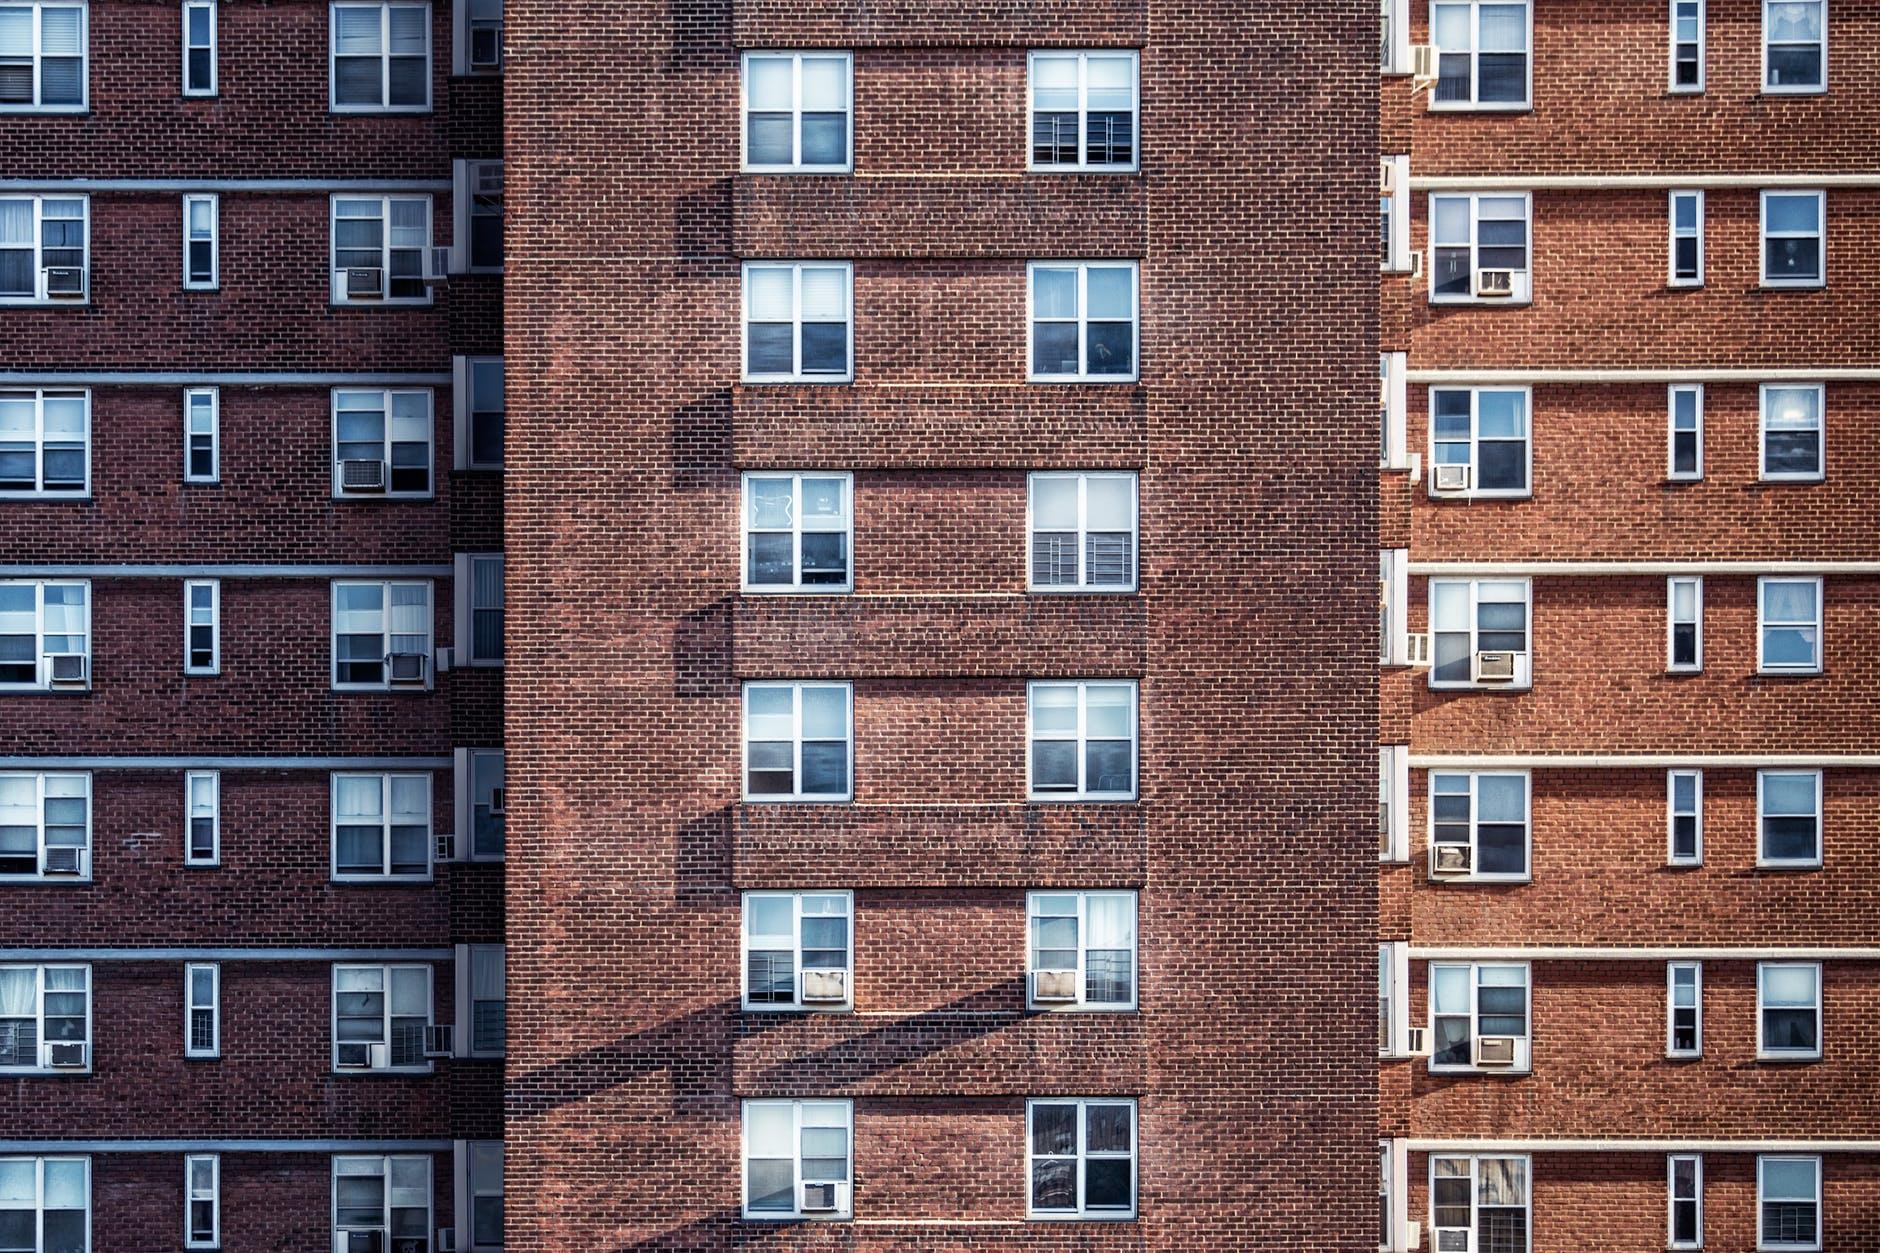 Vedení Brna chce stavět stovky bytů pro mladé, seniory, handicapované i chudé